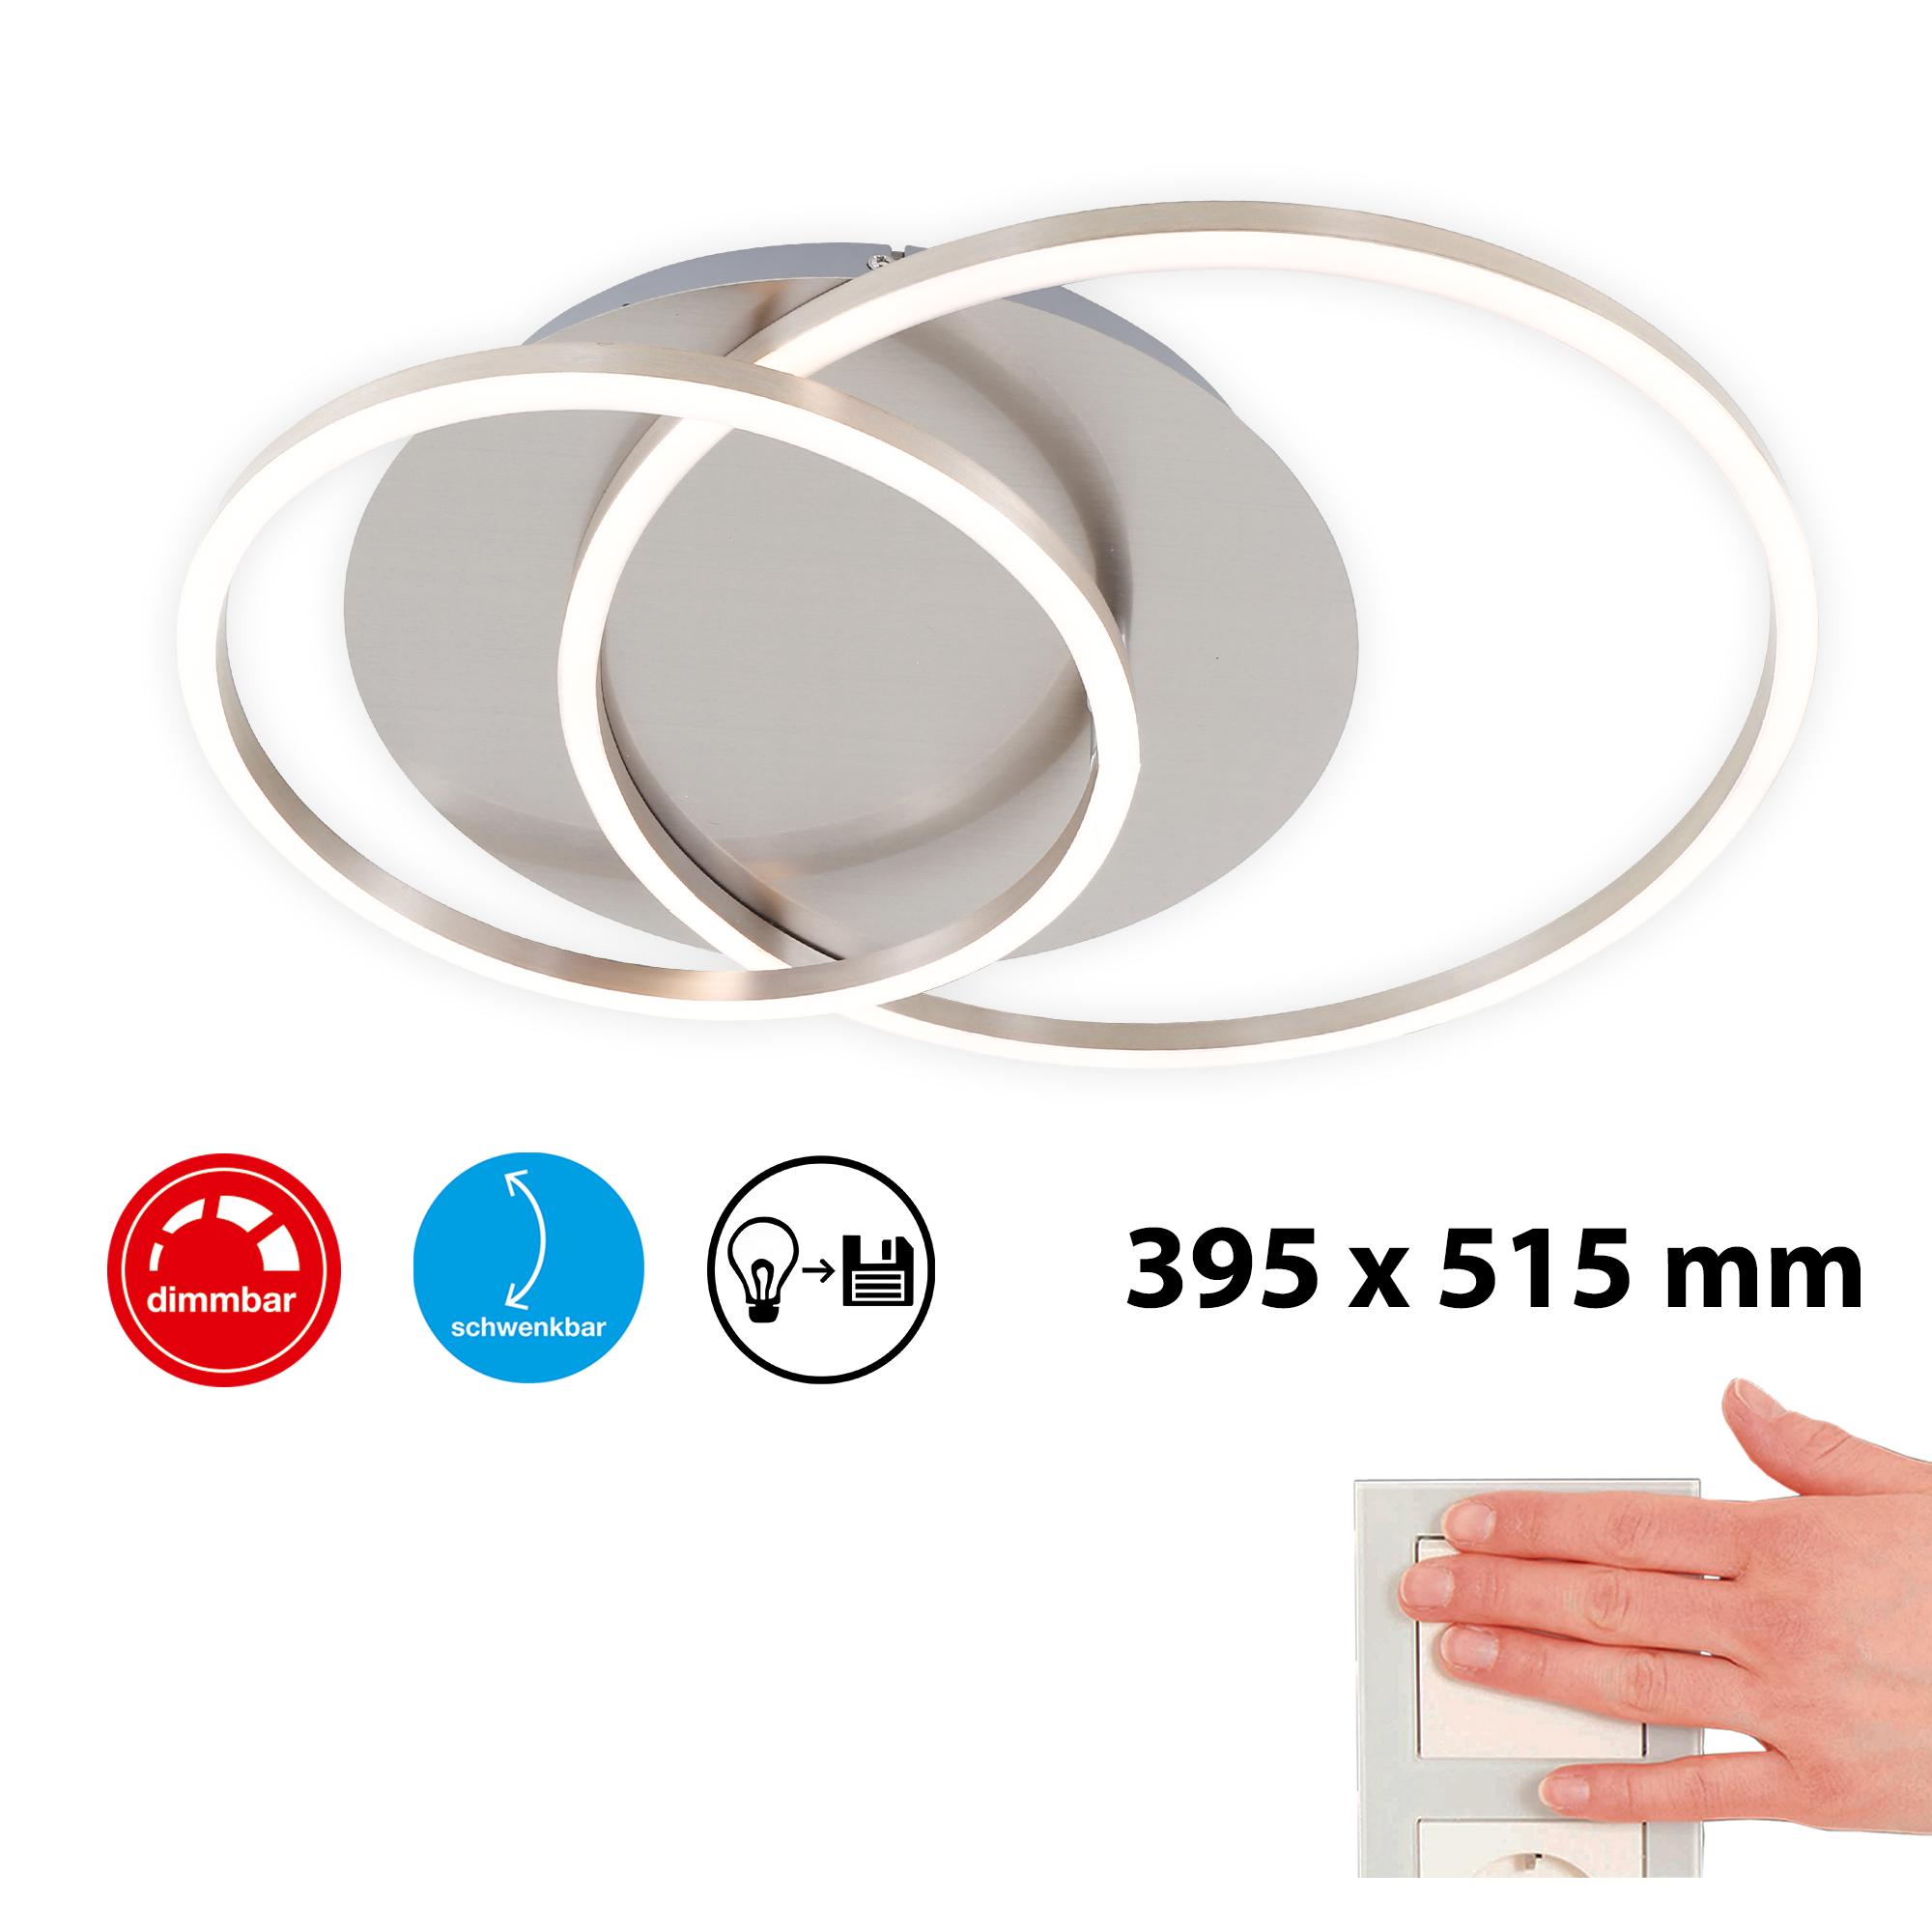 LED Deckenleuchte Matt-Nickel